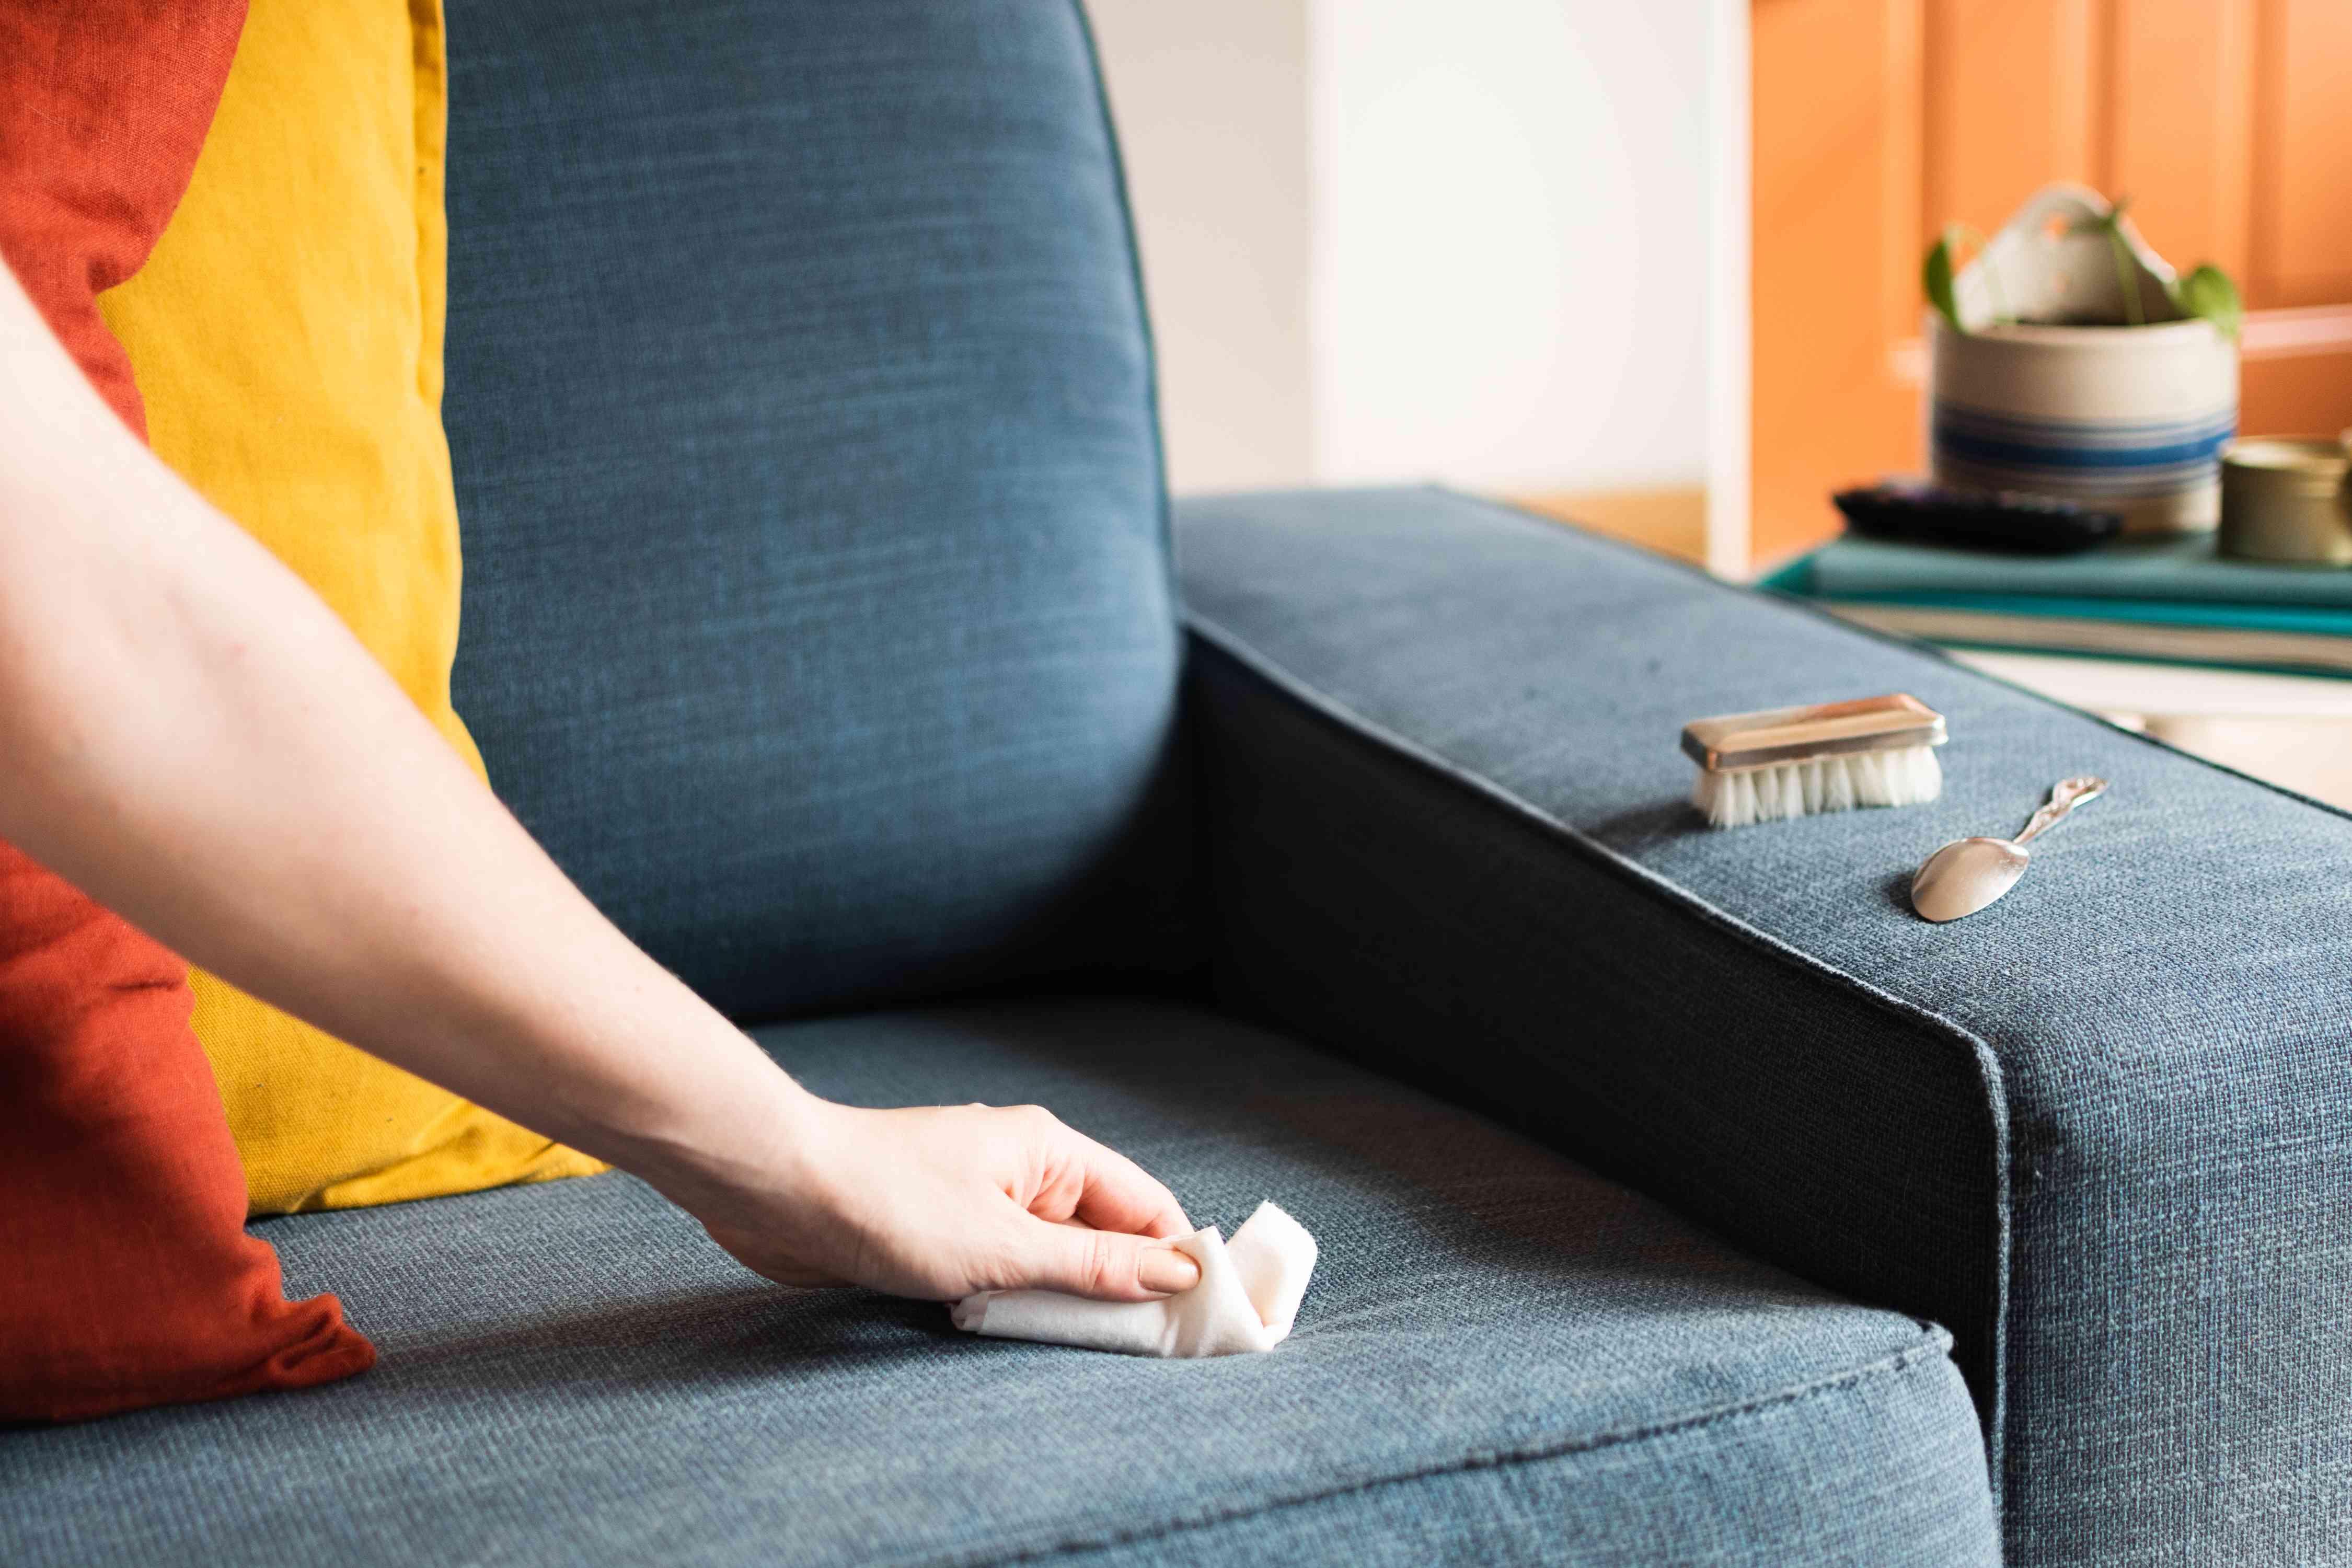 Khăn giấy thấm vết chất lỏng trên ghế dài bọc nệm màu xanh lam bằng bàn chải lông mềm và thìa trên phần kê tay